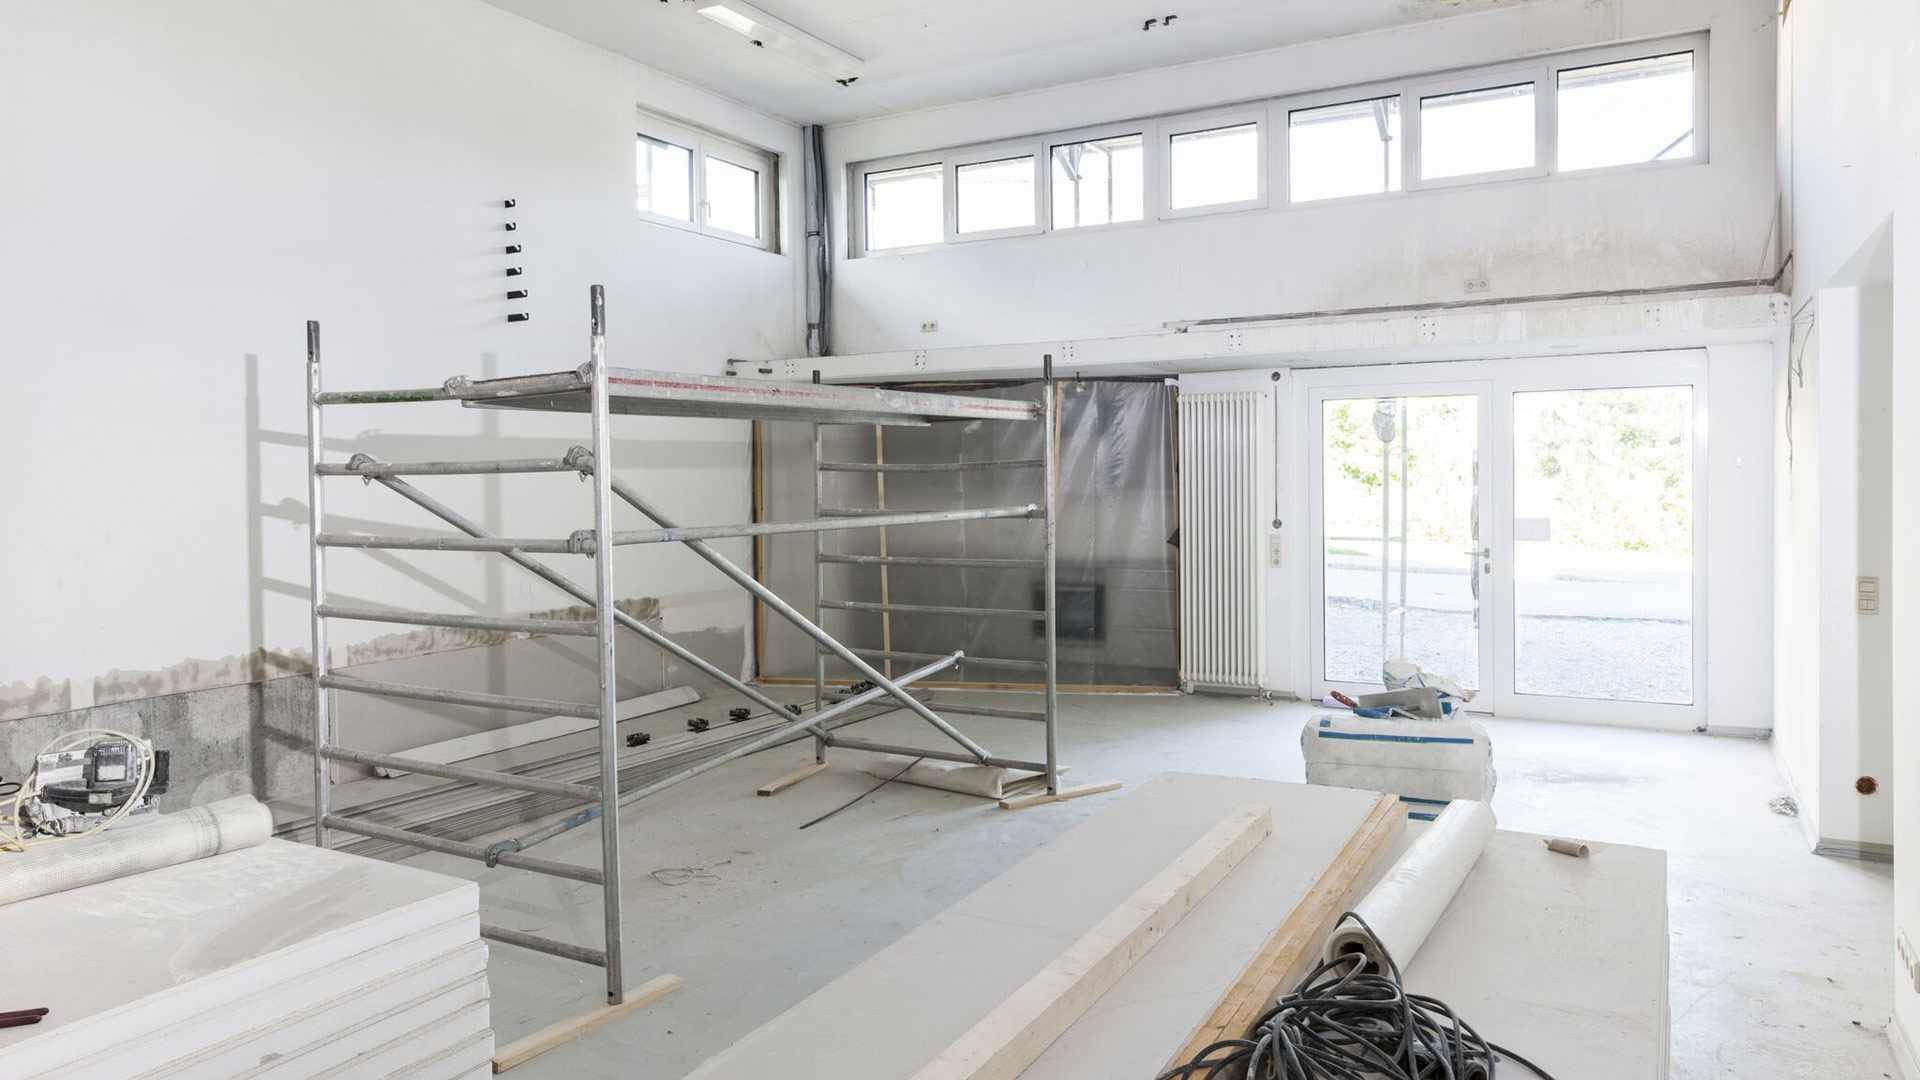 die wichtigsten bauversicherungen beim hausbau. Black Bedroom Furniture Sets. Home Design Ideas